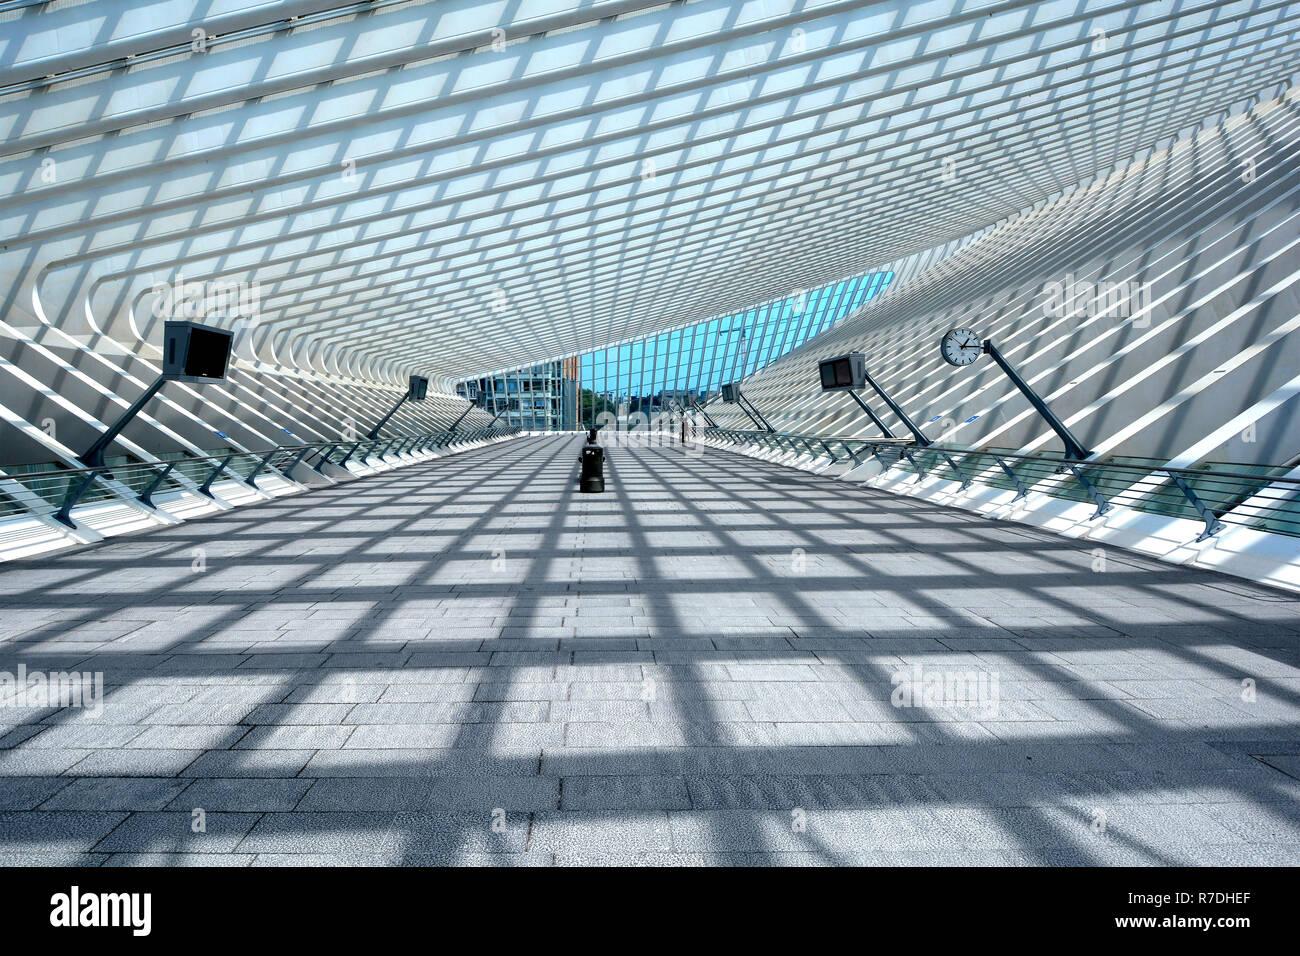 Vallonia simmetrico modello shadow sunshine architettura moderna in vetro struttura tetto & design i mezzi di trasporto pubblici Stazione ferroviaria Edificio Belgio Liege Foto Stock